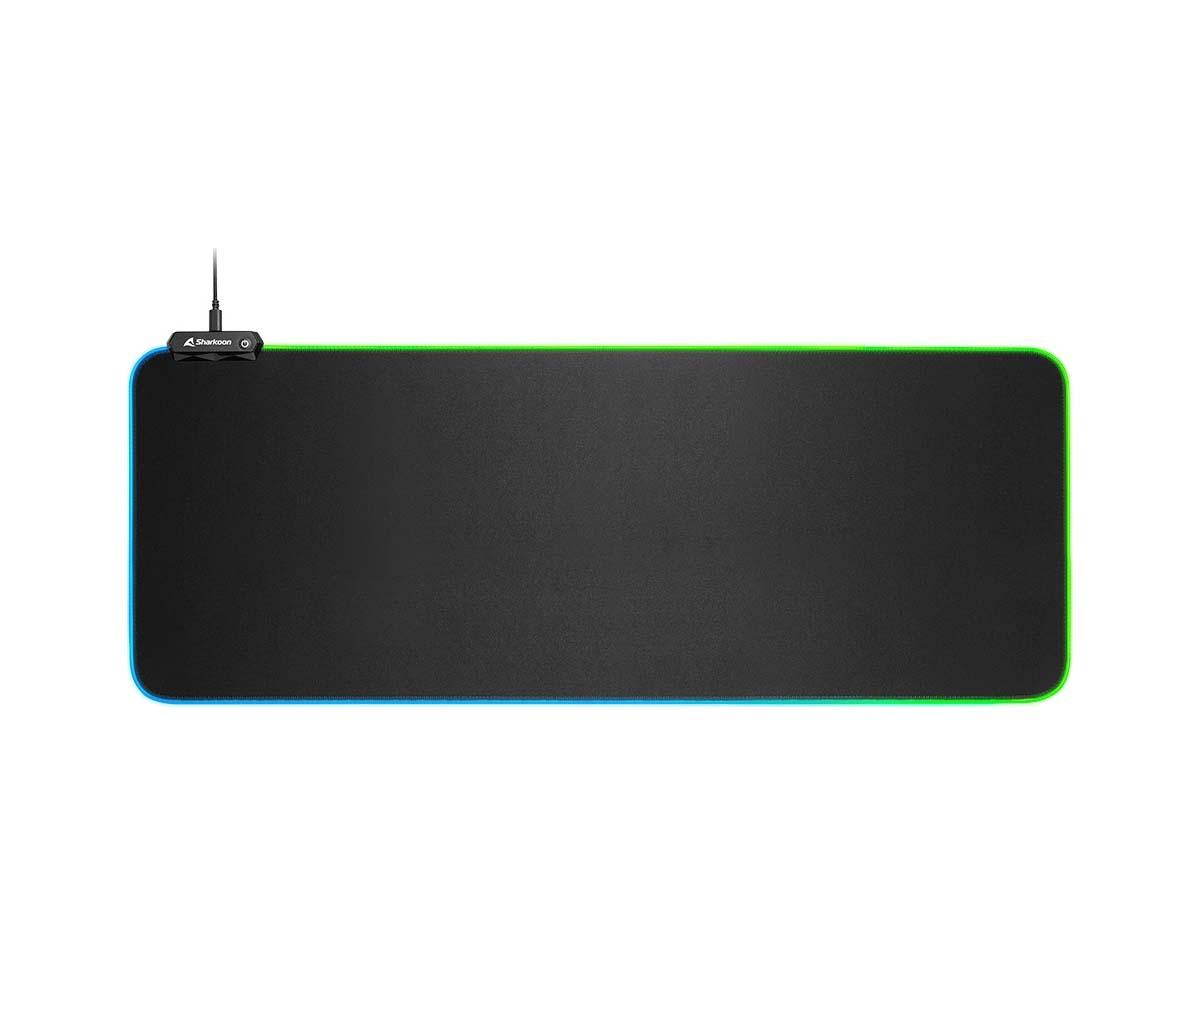 Sharkoon 1337 RGB V2 800 Mouse Pad